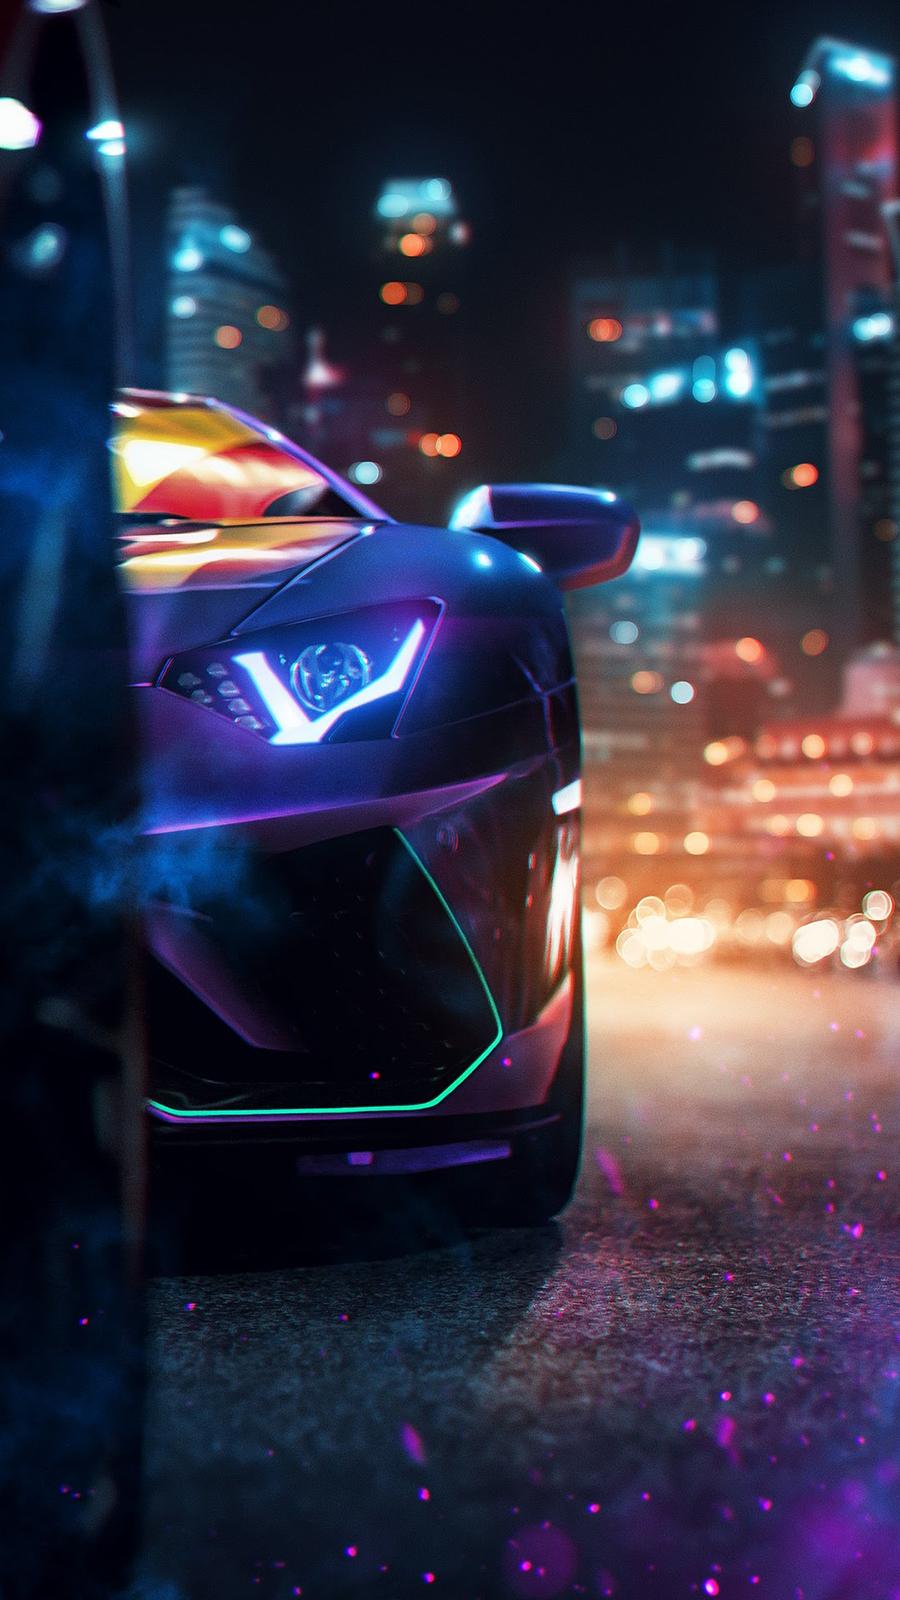 Lamborghini Full HD Wallpapers Download